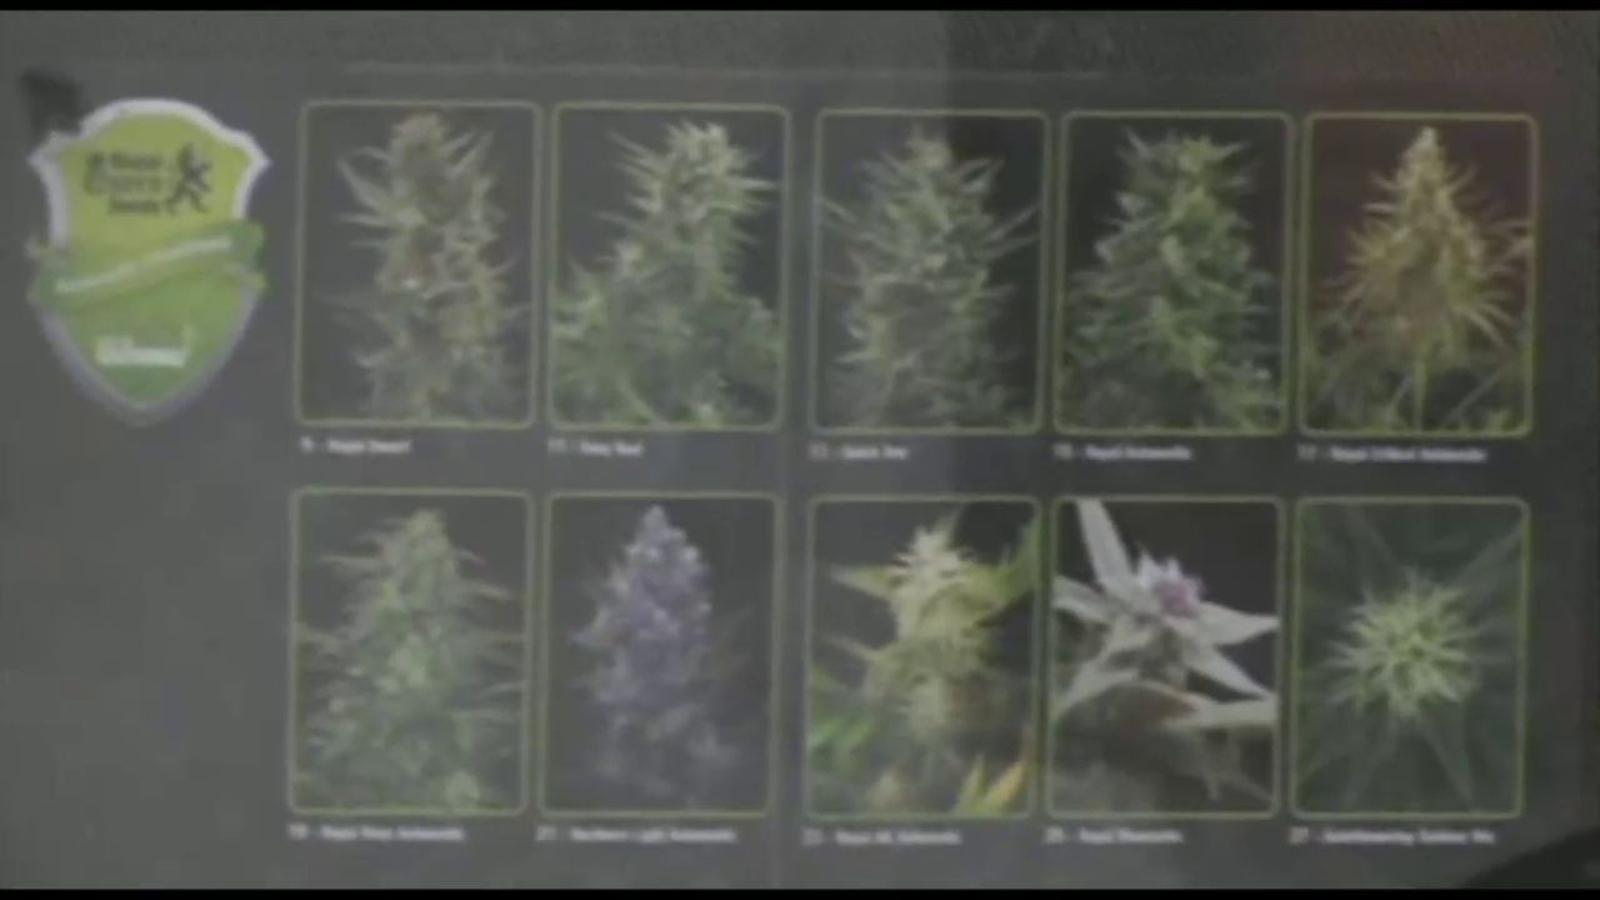 Turistes i empresaris desafien la nova llei holandesa de restringir la venda de cànnabis